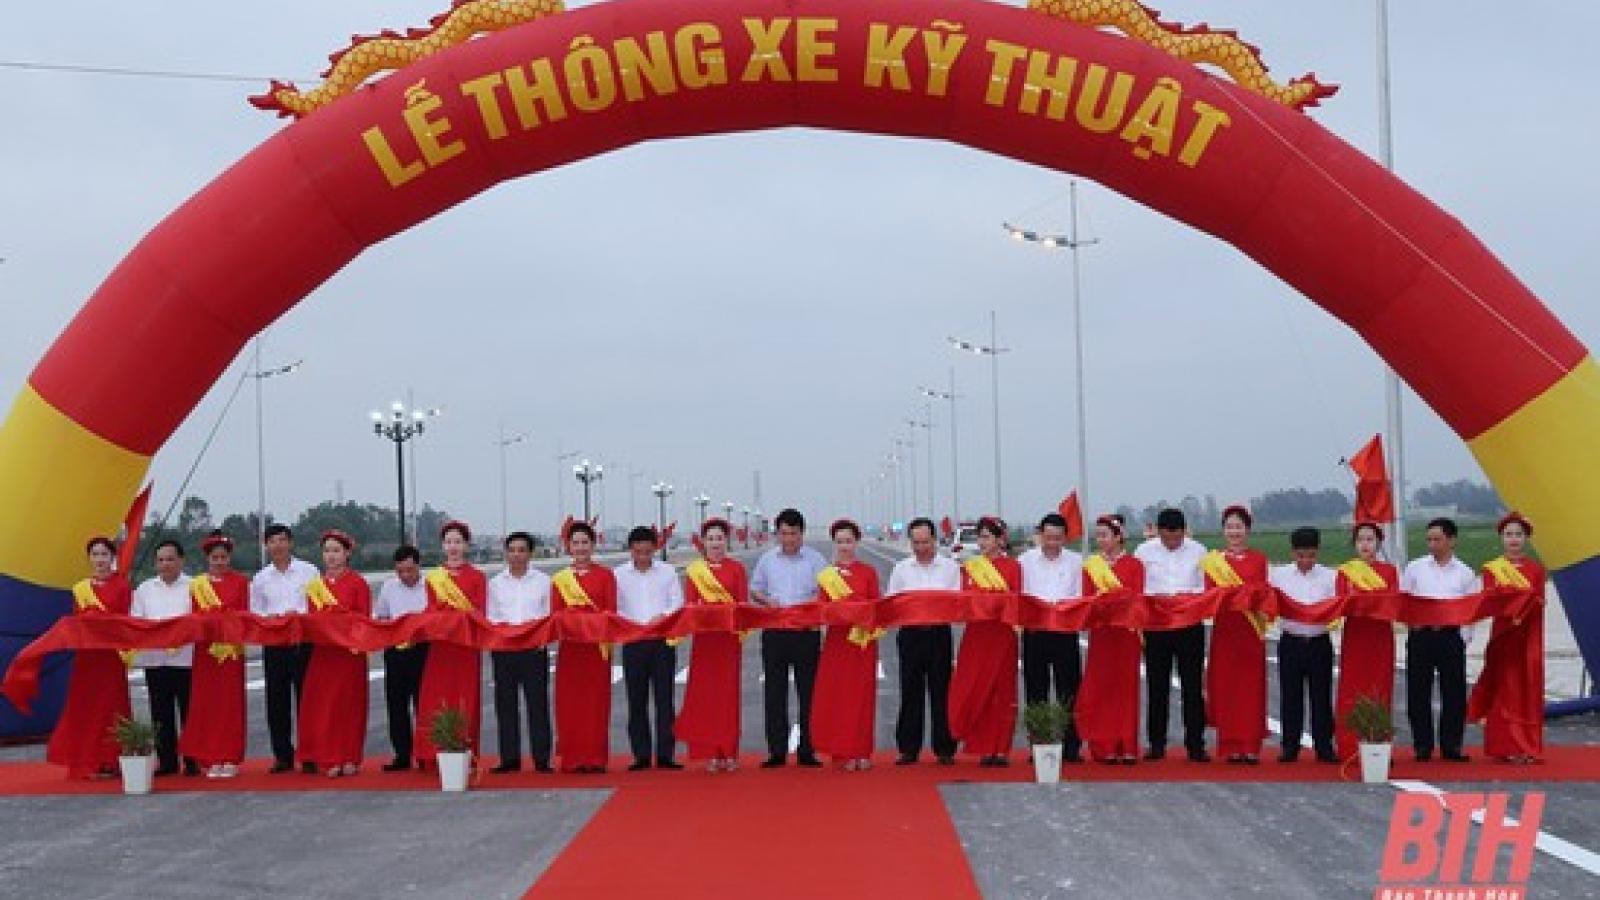 Thanh Hoá thông xe kỹ thuật dự án đường nối Sầm Sơn với Khu kinh tế Nghi Sơn